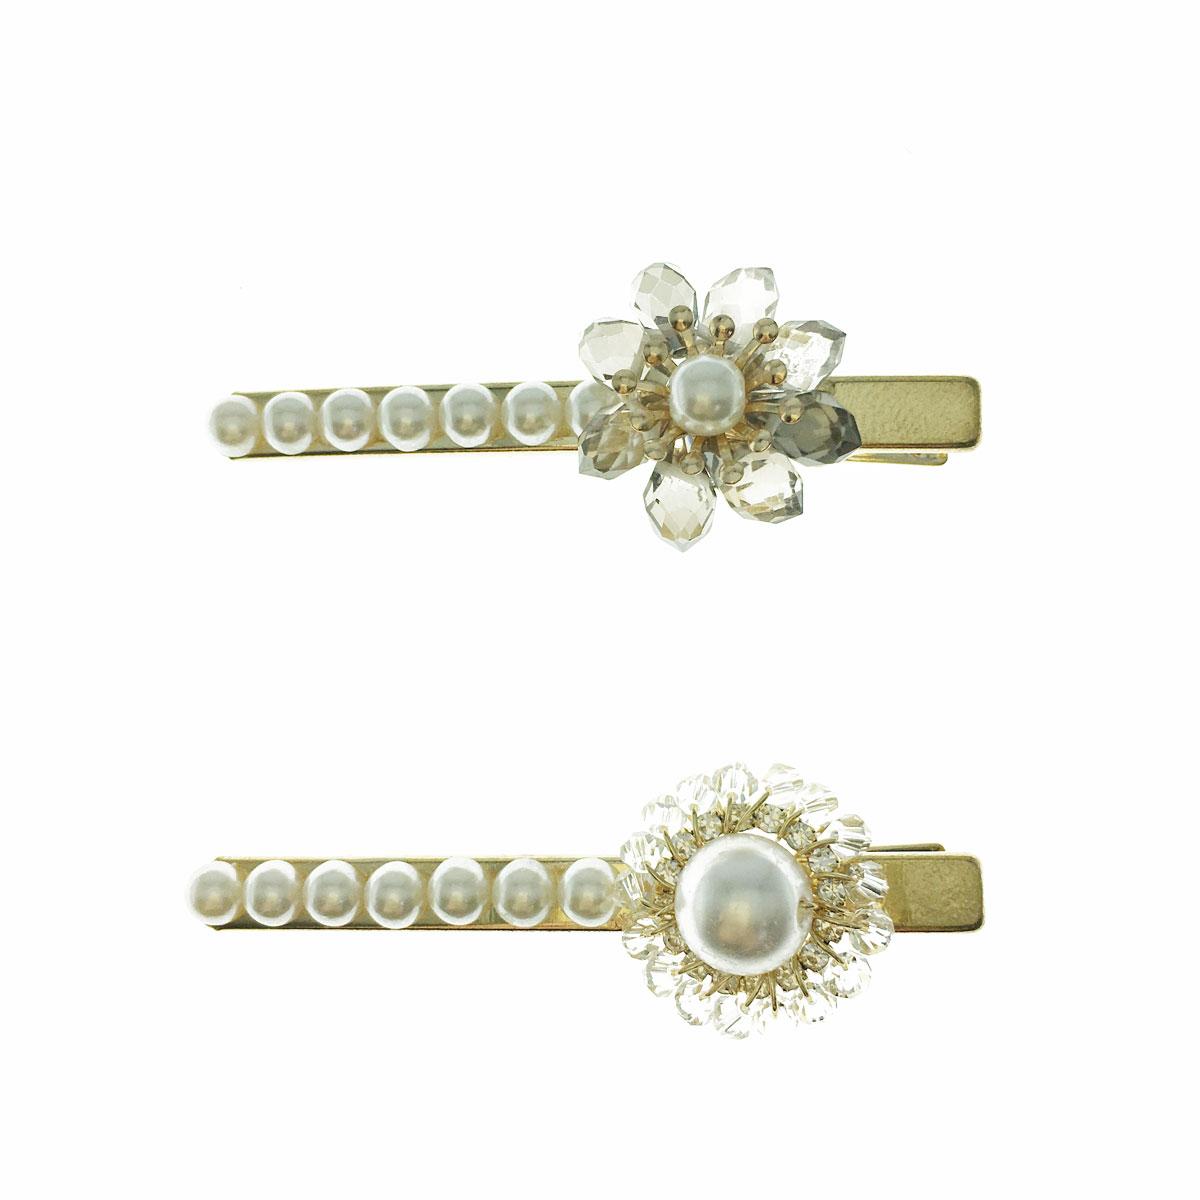 韓國 珍珠 串珠 壓夾 兩色 髮飾